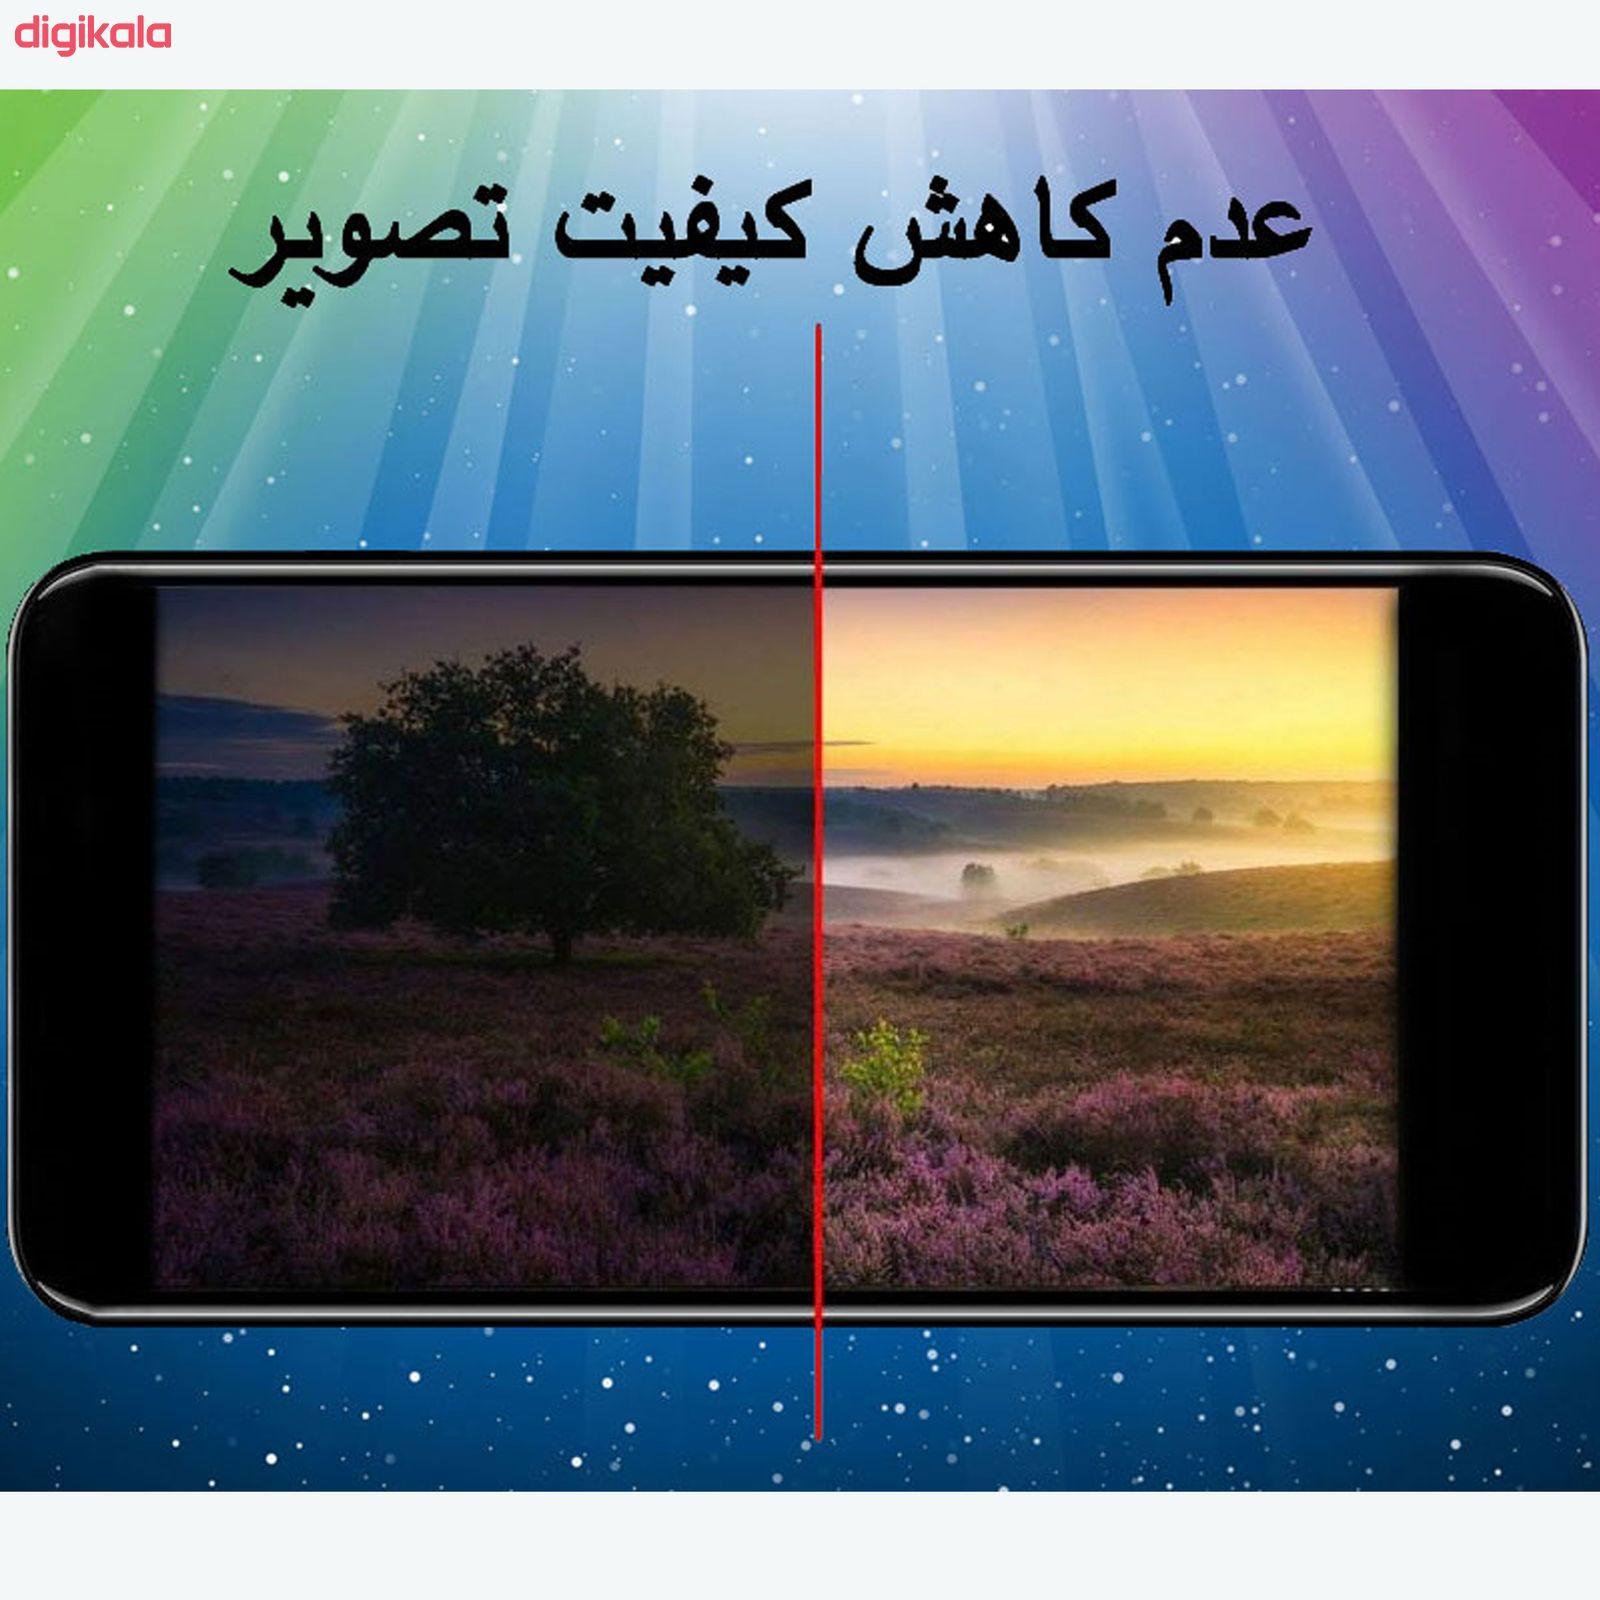 محافظ صفحه نمايش مدل FLGSP مناسب برای گوشی موبایل شیائومی Redmi Note 9 Pro به همراه محافظ لنز دوربین main 1 2